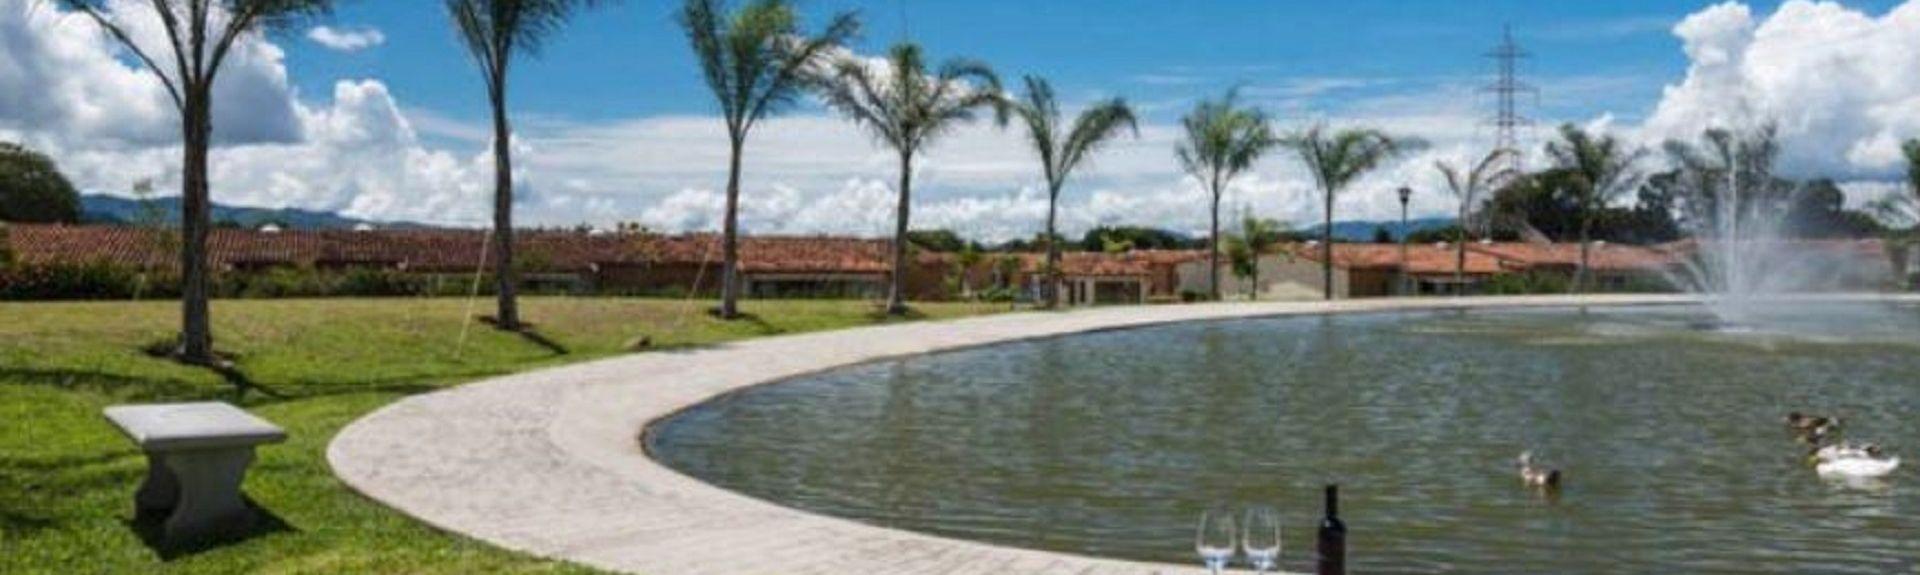 Turrúcares, Alajuela, Costa Rica